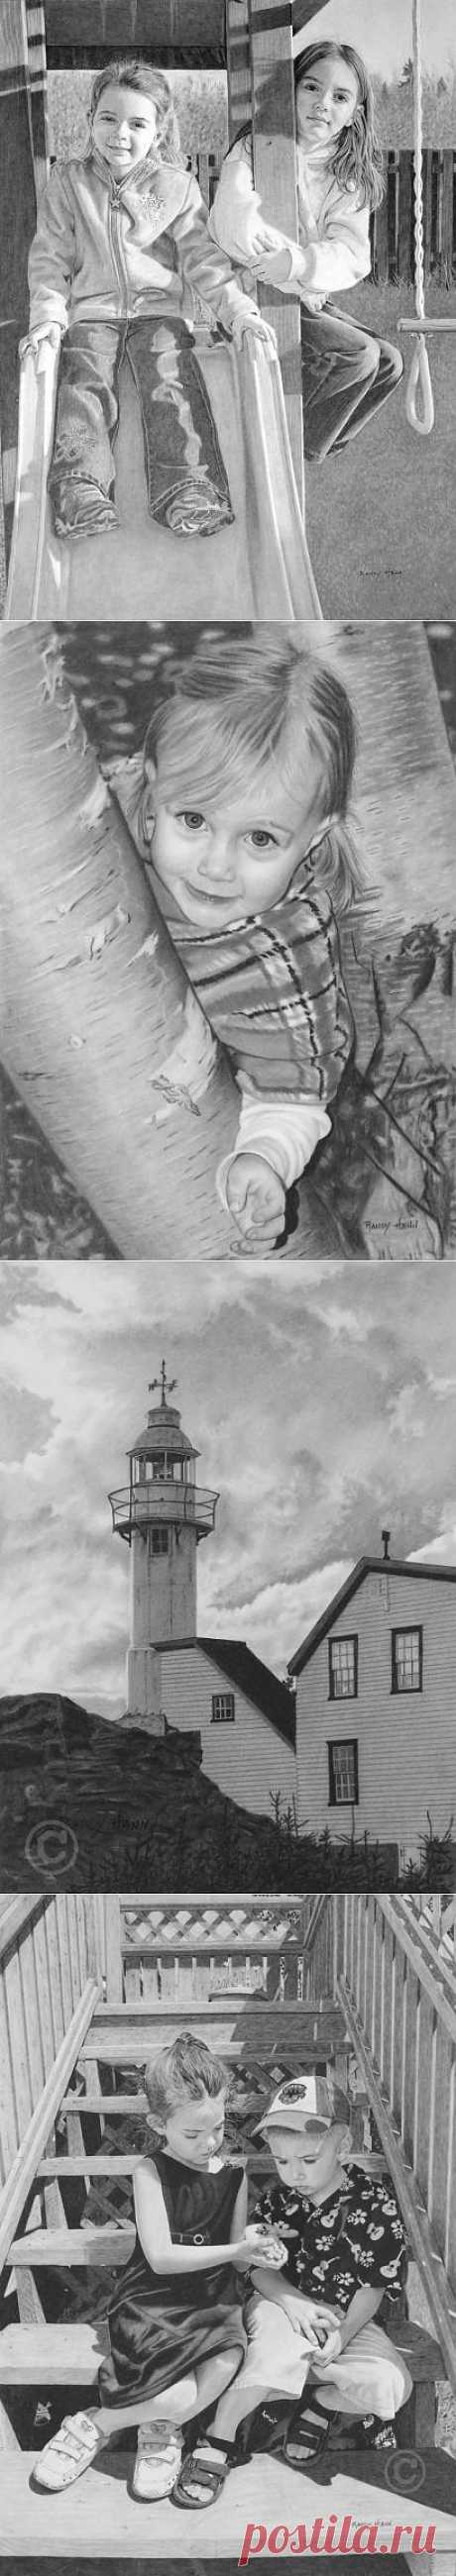 Рисунки карандашом Рэнди Хэнна (Randy Hann) | Fresher - Лучшее из Рунета за день